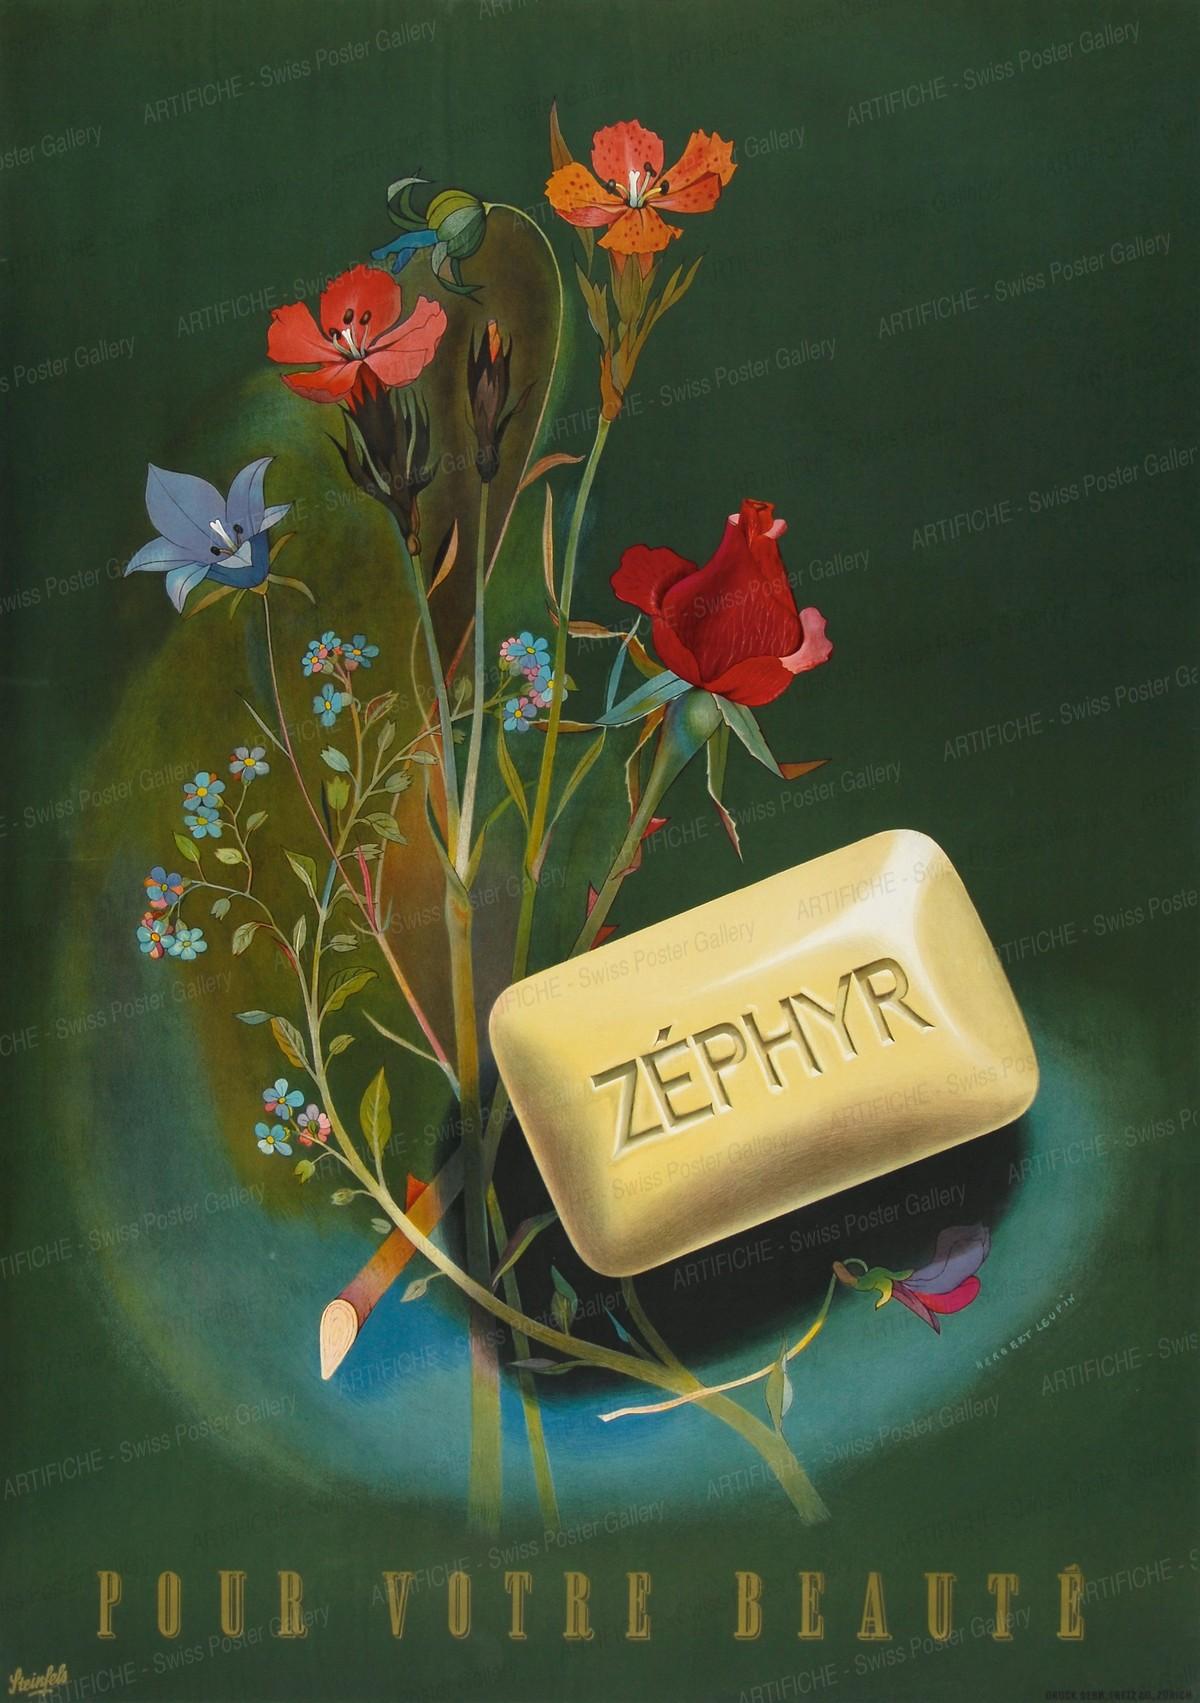 Steinfels – Zephyr – Pour votre Beauté, Herbert Leupin